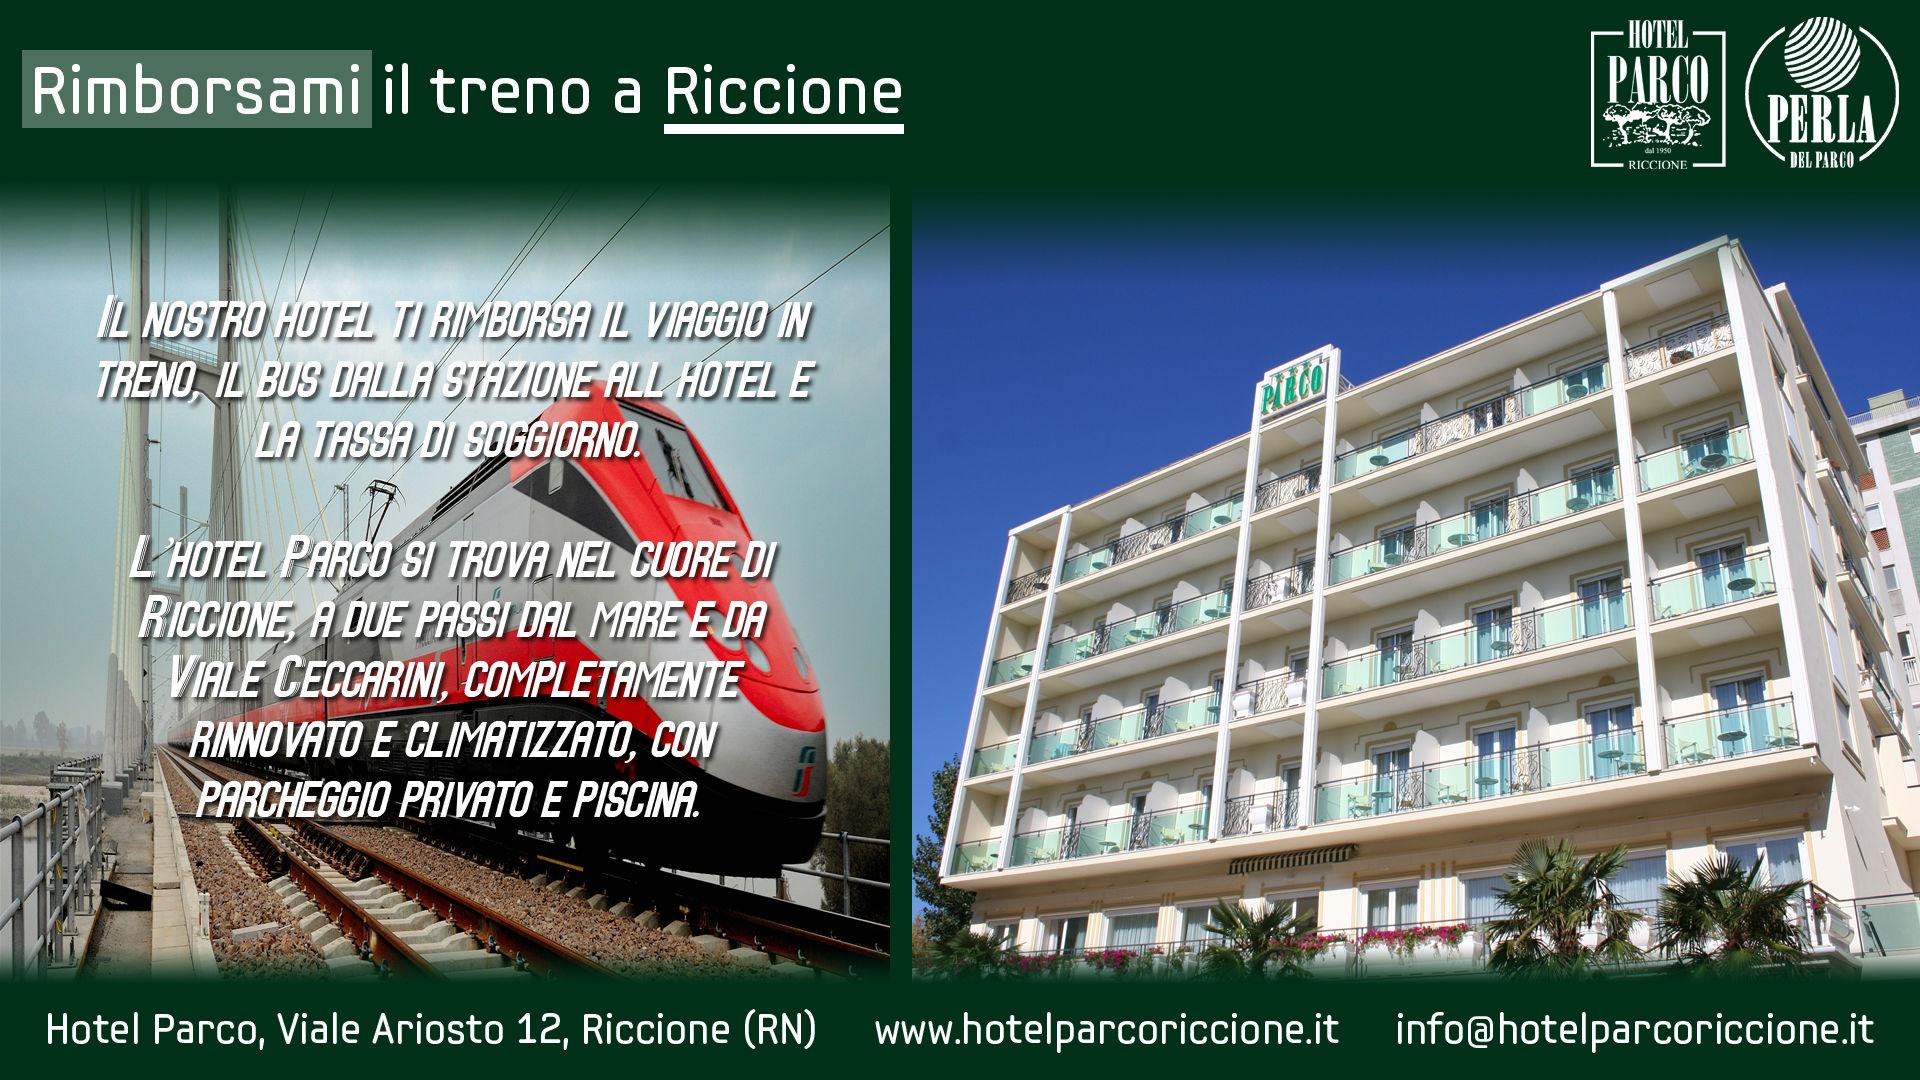 Offerta Riccione in treno (2) – Hotel Parco Riccione - 3 Stelle